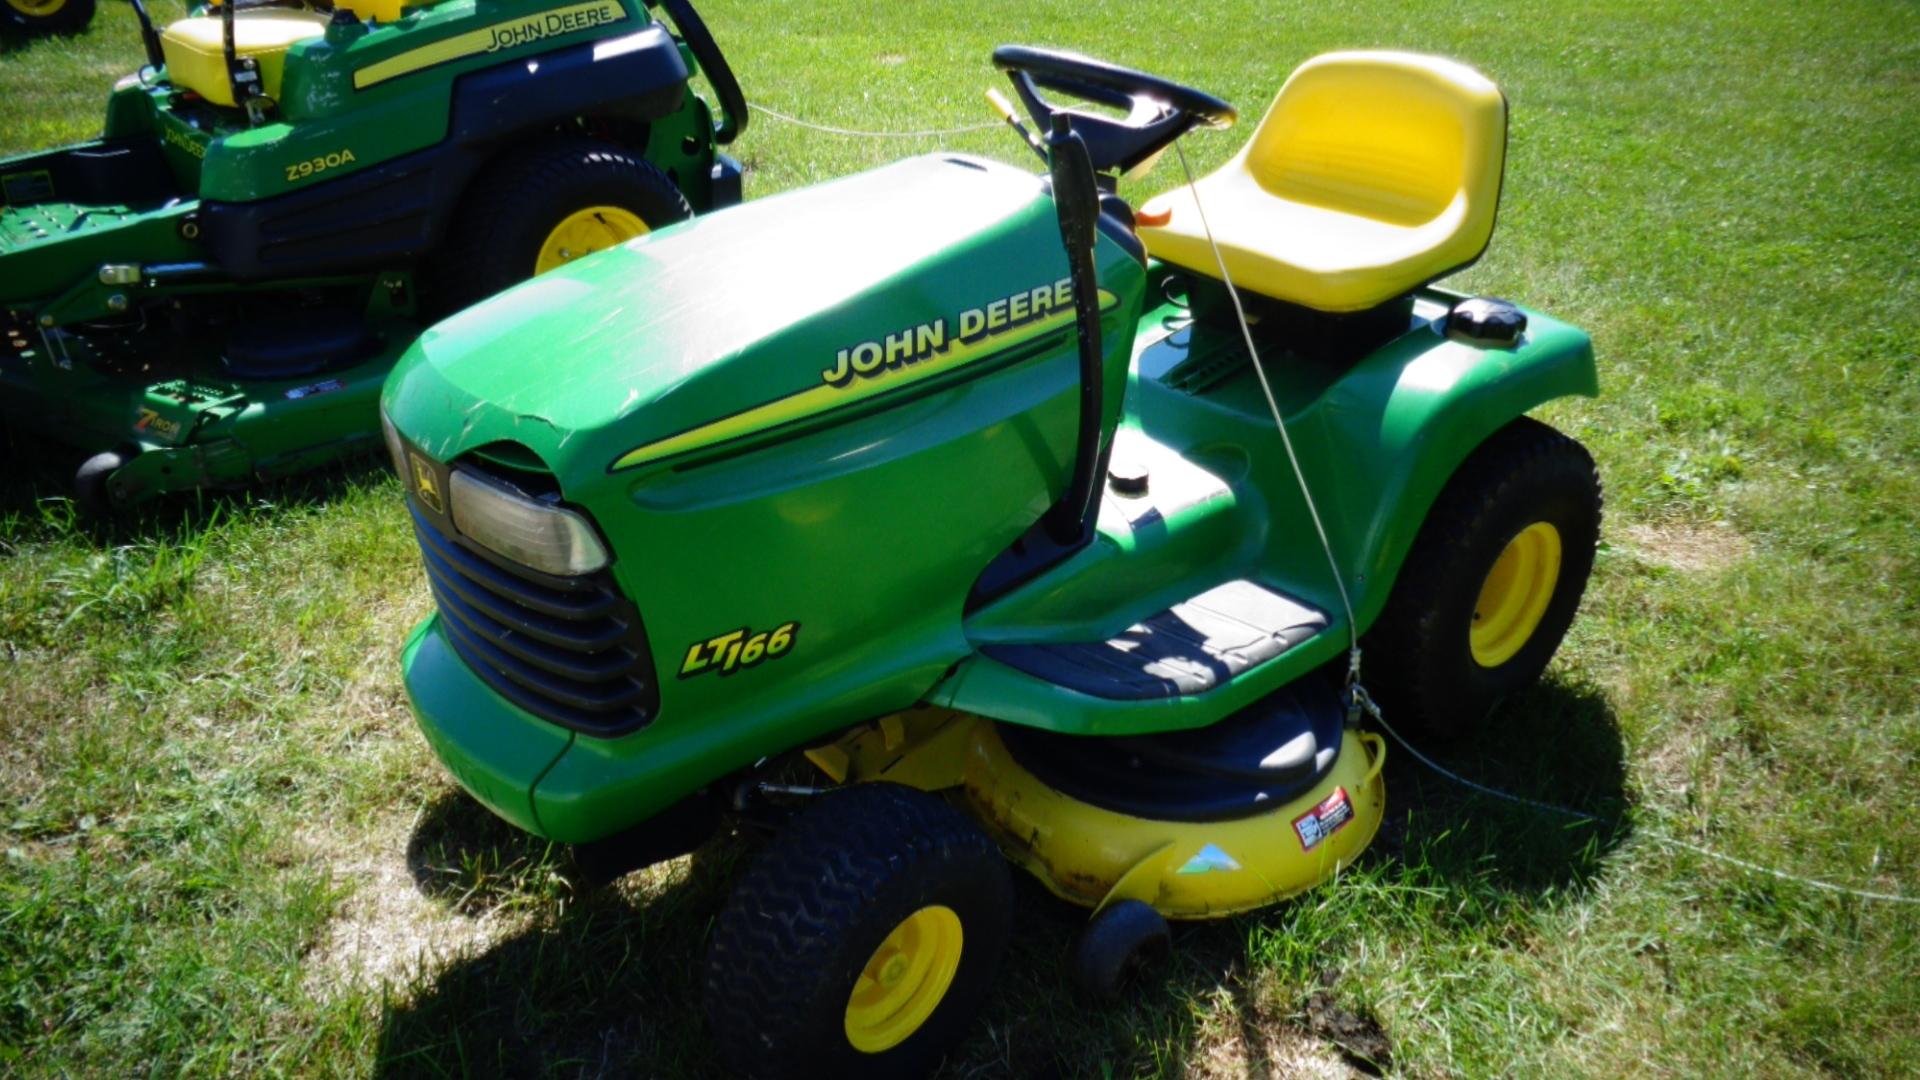 John Deere Lt166 Lawn Amp Garden Tractors For Sale 62149